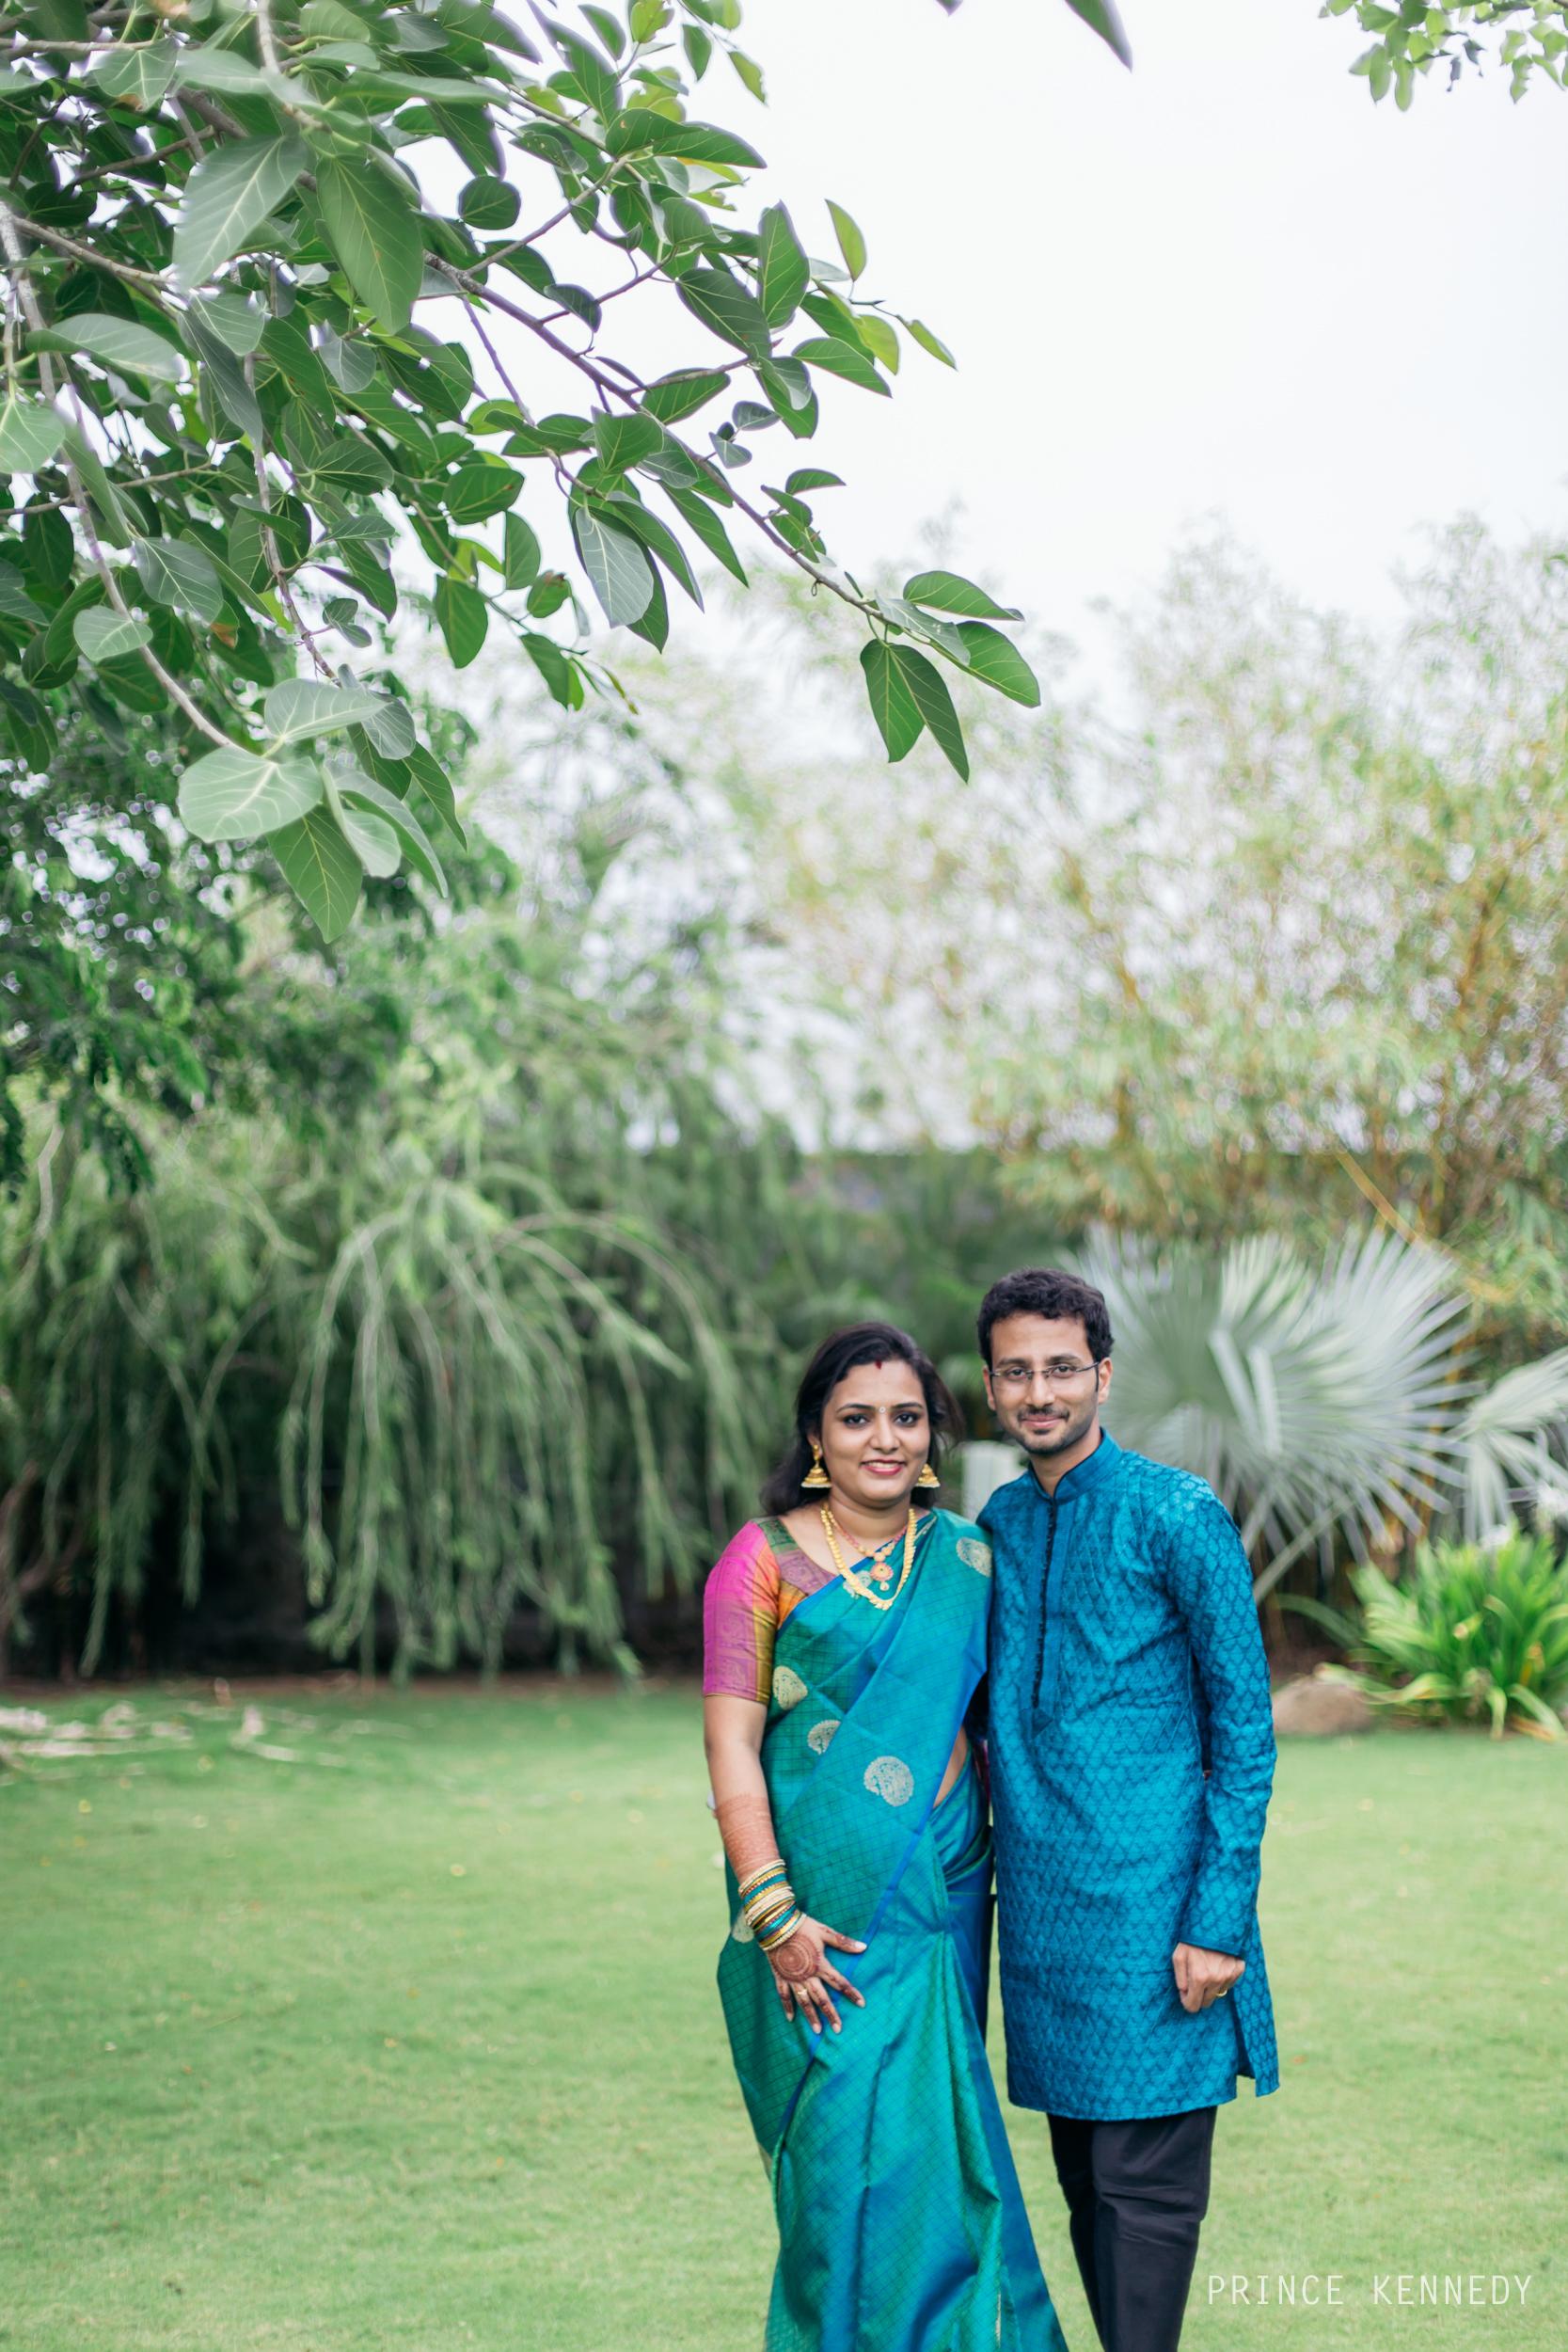 Engagement-Couple-Portrait-Portraiture-Wedding-Couple-Portrait-Chennai-Photographer-Candid-Photography-Destination-Best-Prince-Kennedy-Photography-110.jpg